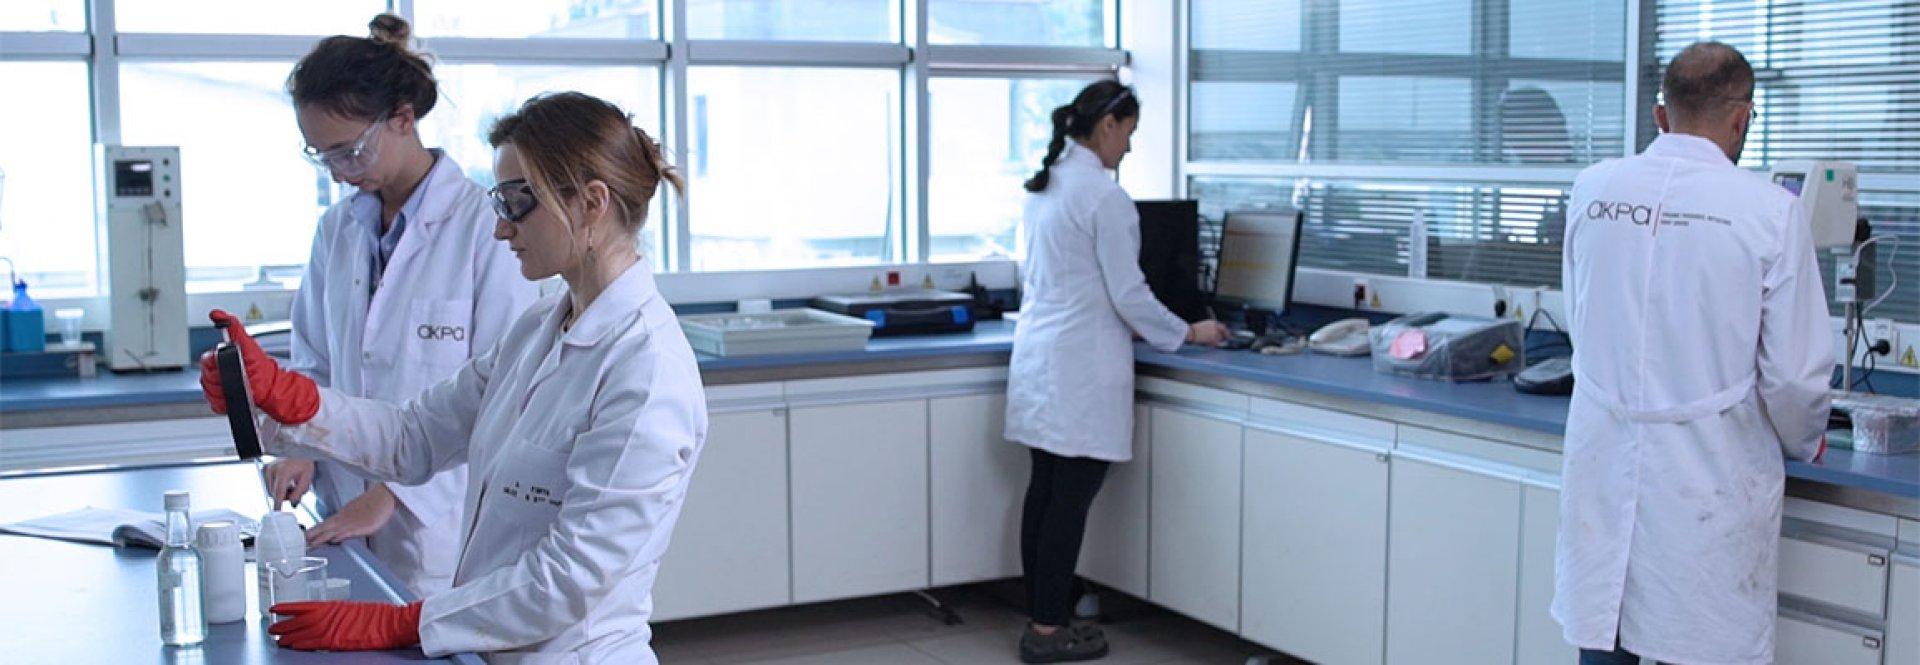 Akpa Kimya - AR-GE & İNOVASYON